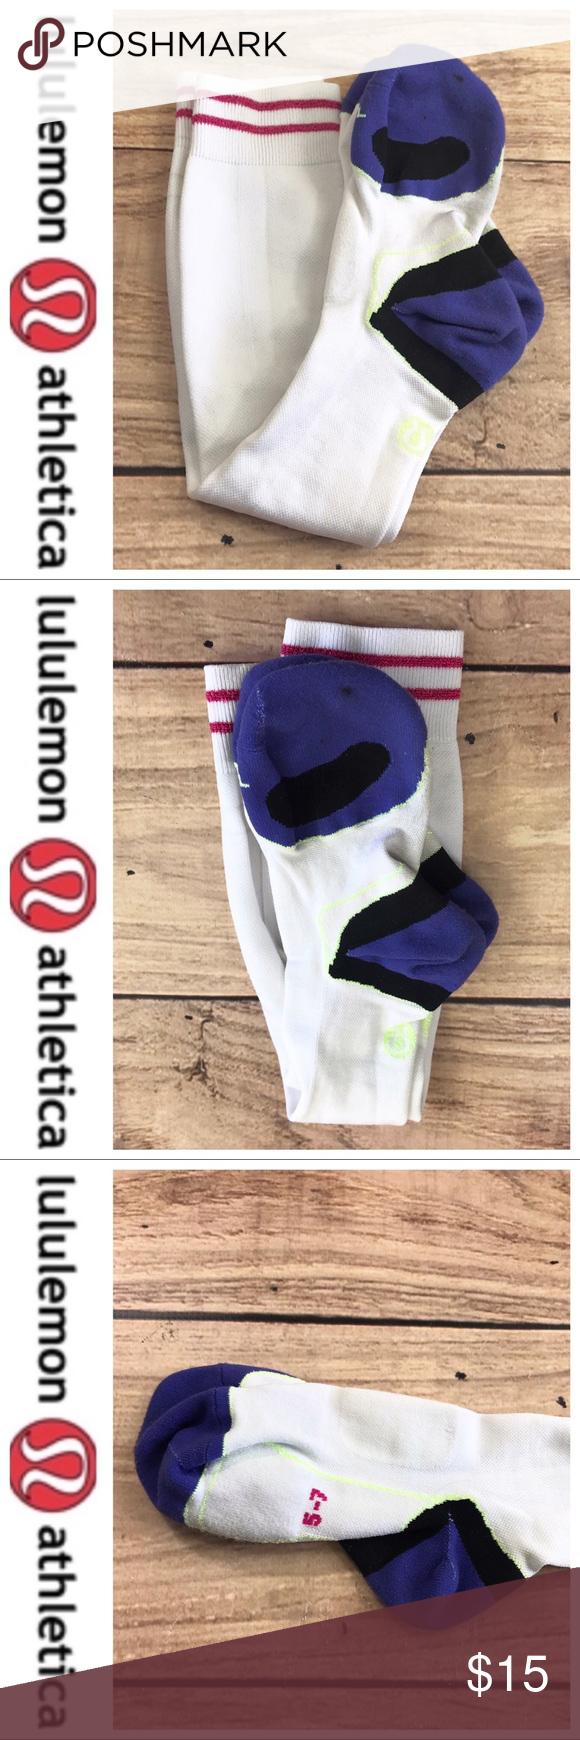 365be1774 💕SALE💕Lululemon White Compression Knee Socks Fabulous 💕Lululemon White  Compression Knee Socks worn once lululemon athletica Accessories Hosiery    Socks